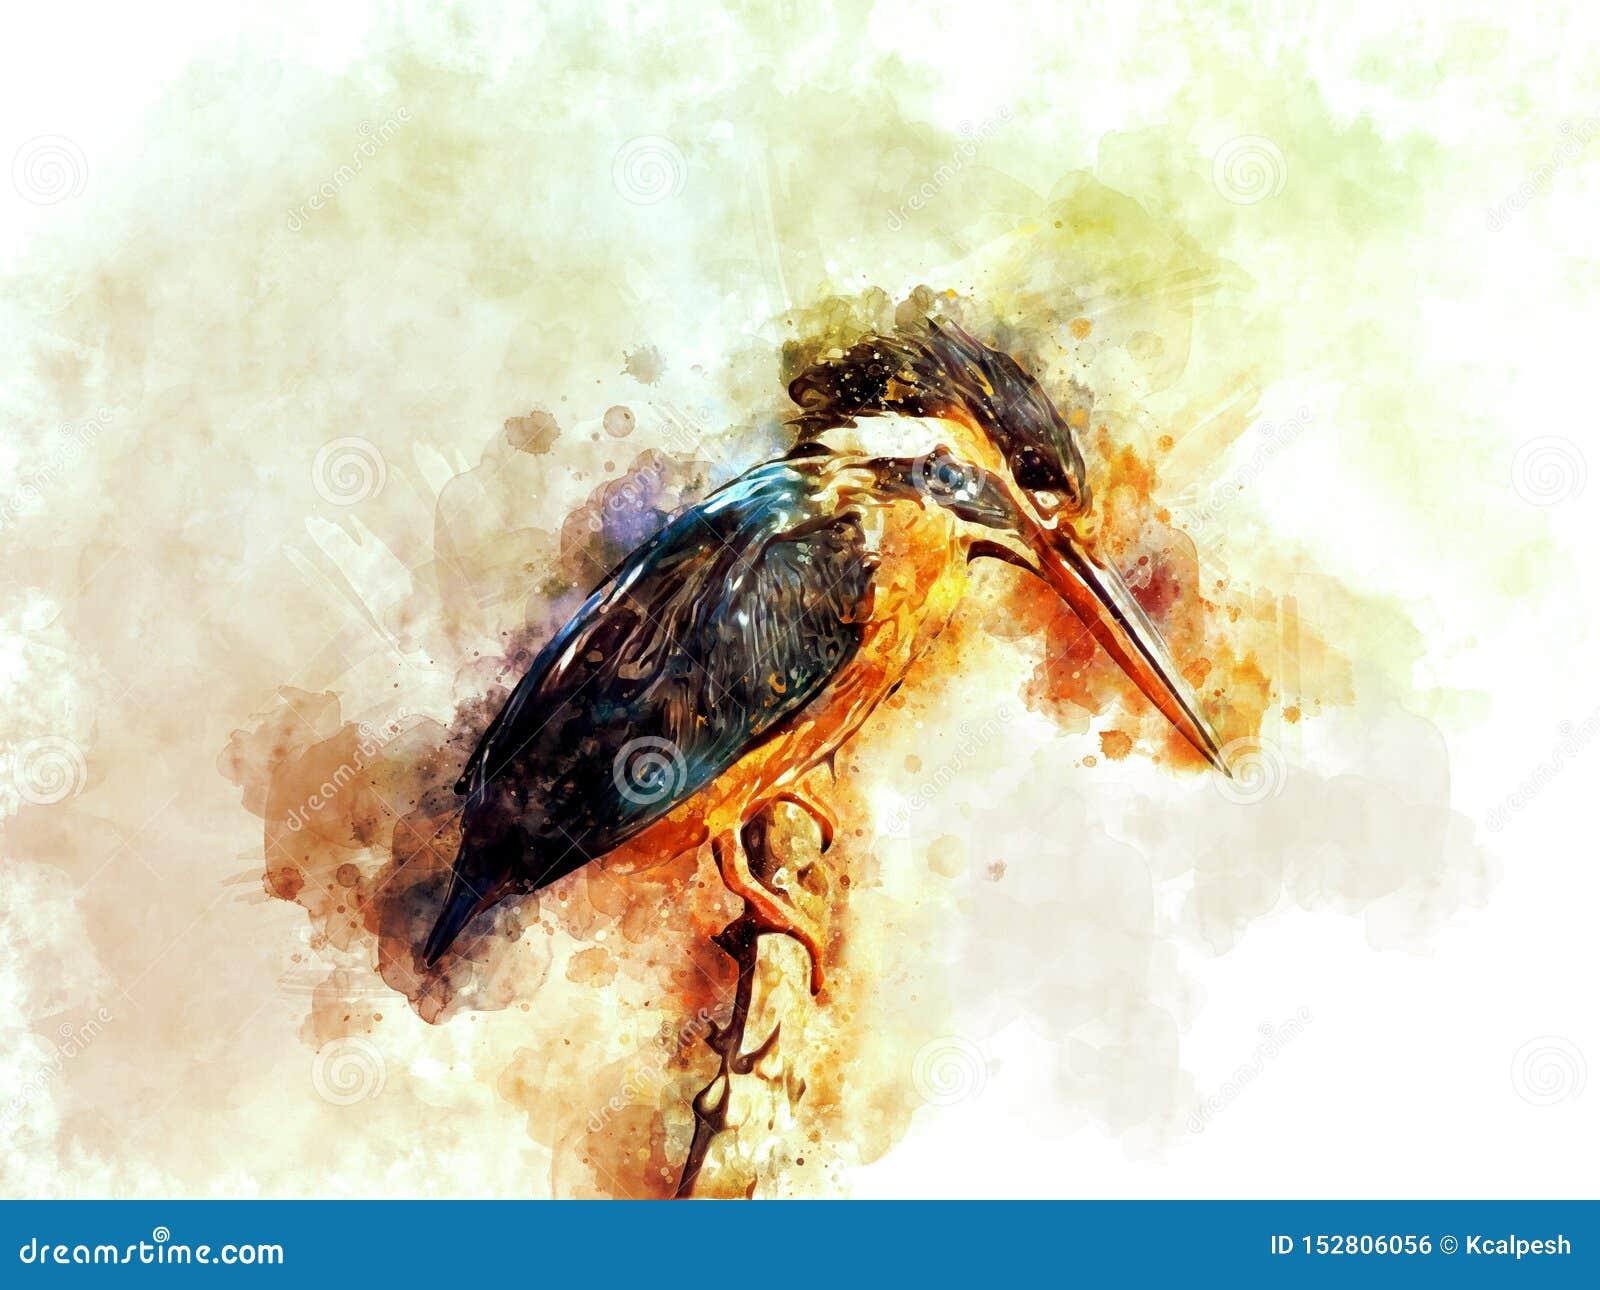 Gemeenschappelijk Ijsvogel Digitaal Art.